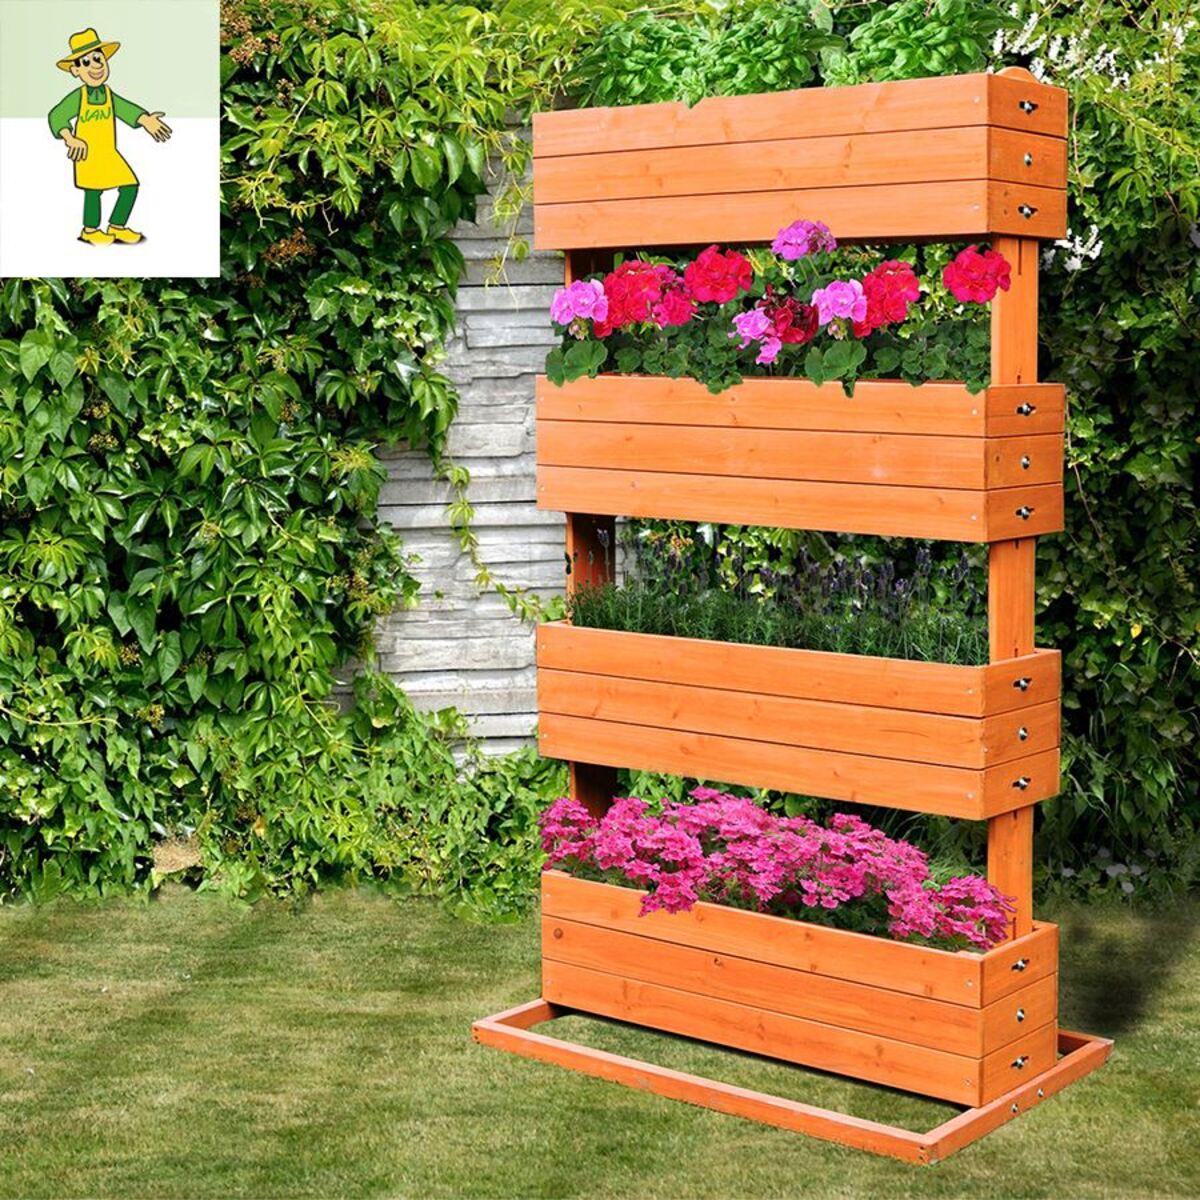 Bild 1 von Grüner Jan Pflanzenständer mit 4 Kästen aus Tannenholz 145cm